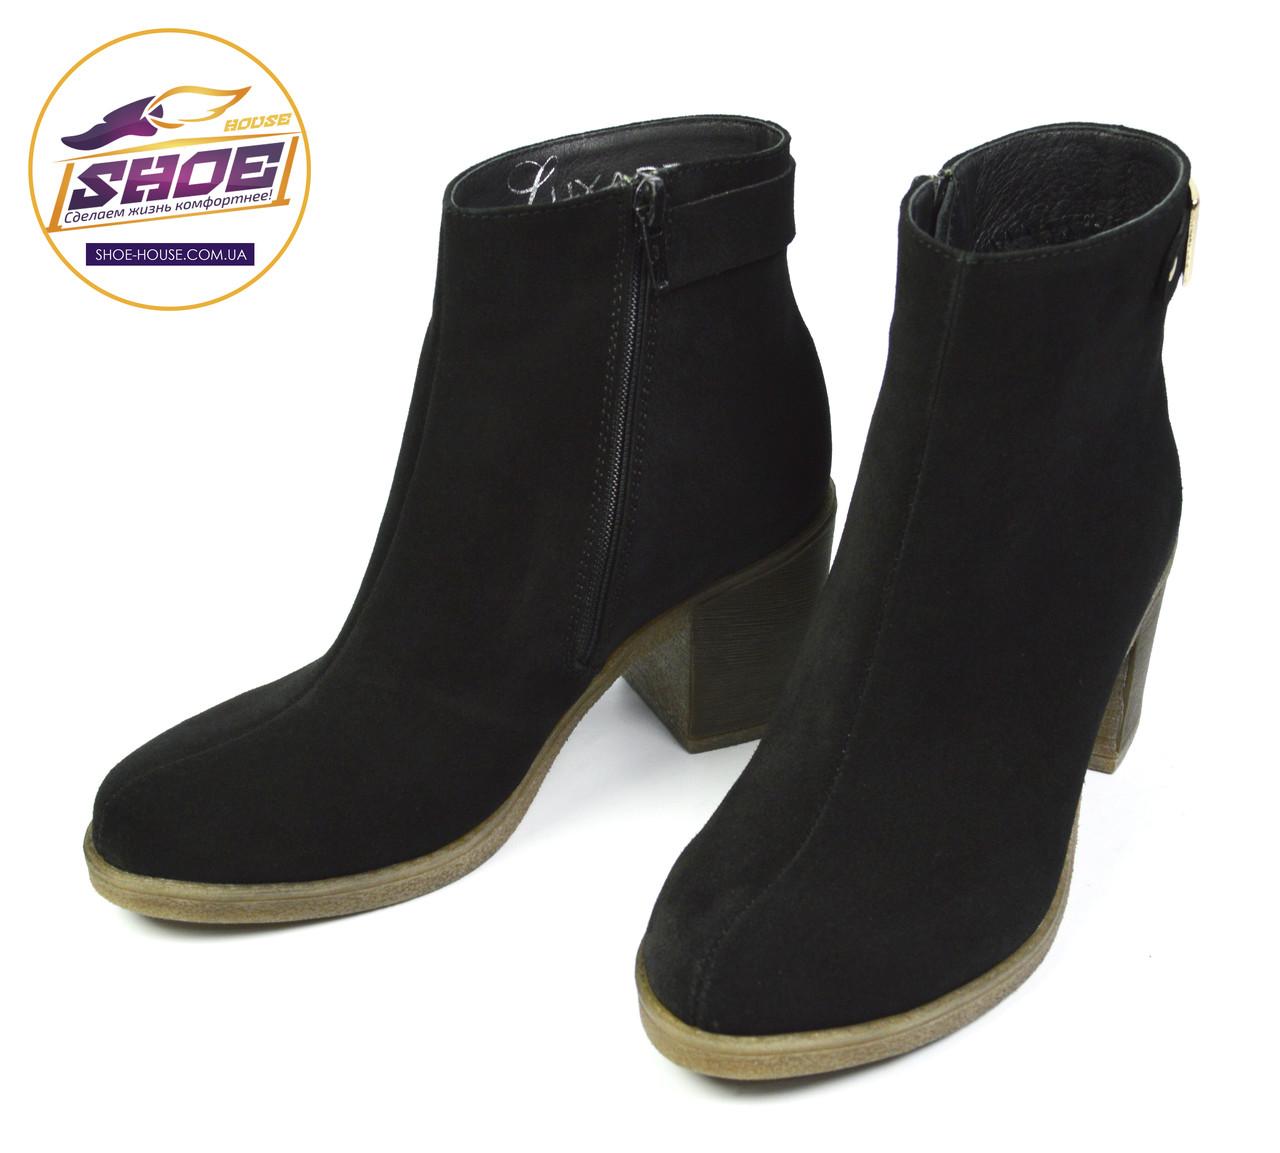 7b9cd40fe ... Черные осенние женские замшевые ботинки LUXART на устойчивом каблуке,  ...